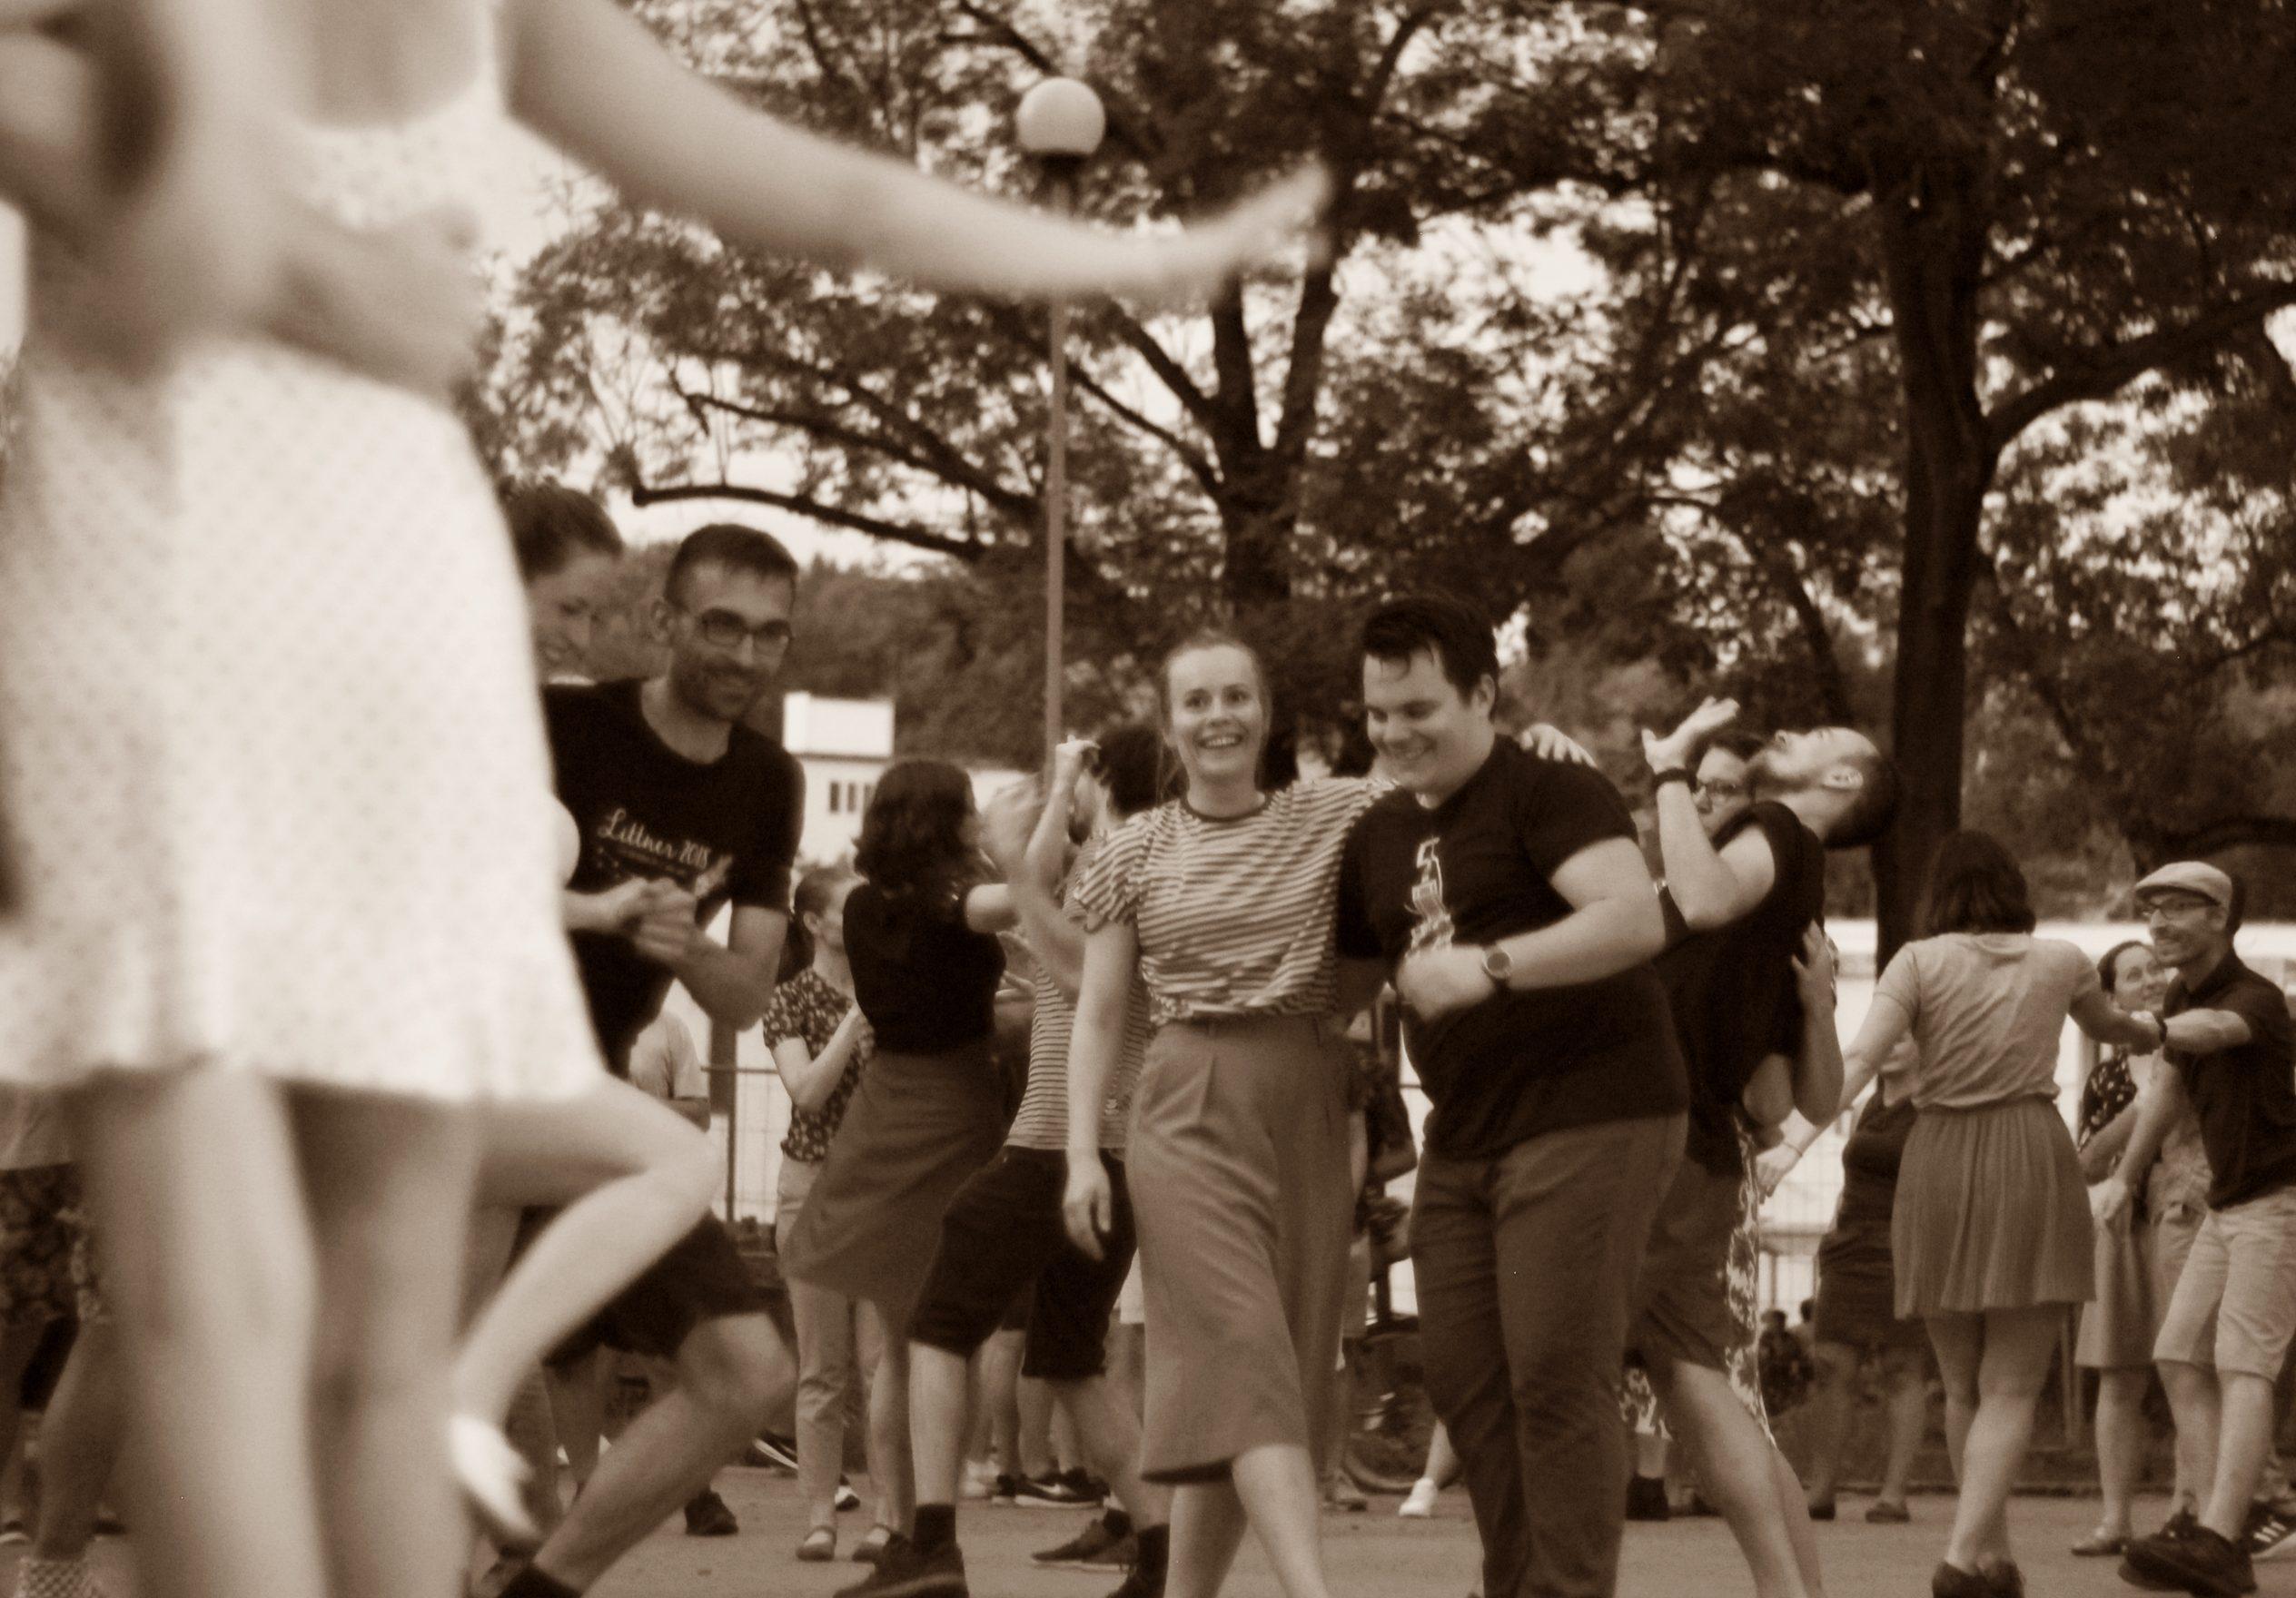 Swingová tančírna s Vincenc Kummer and Friends